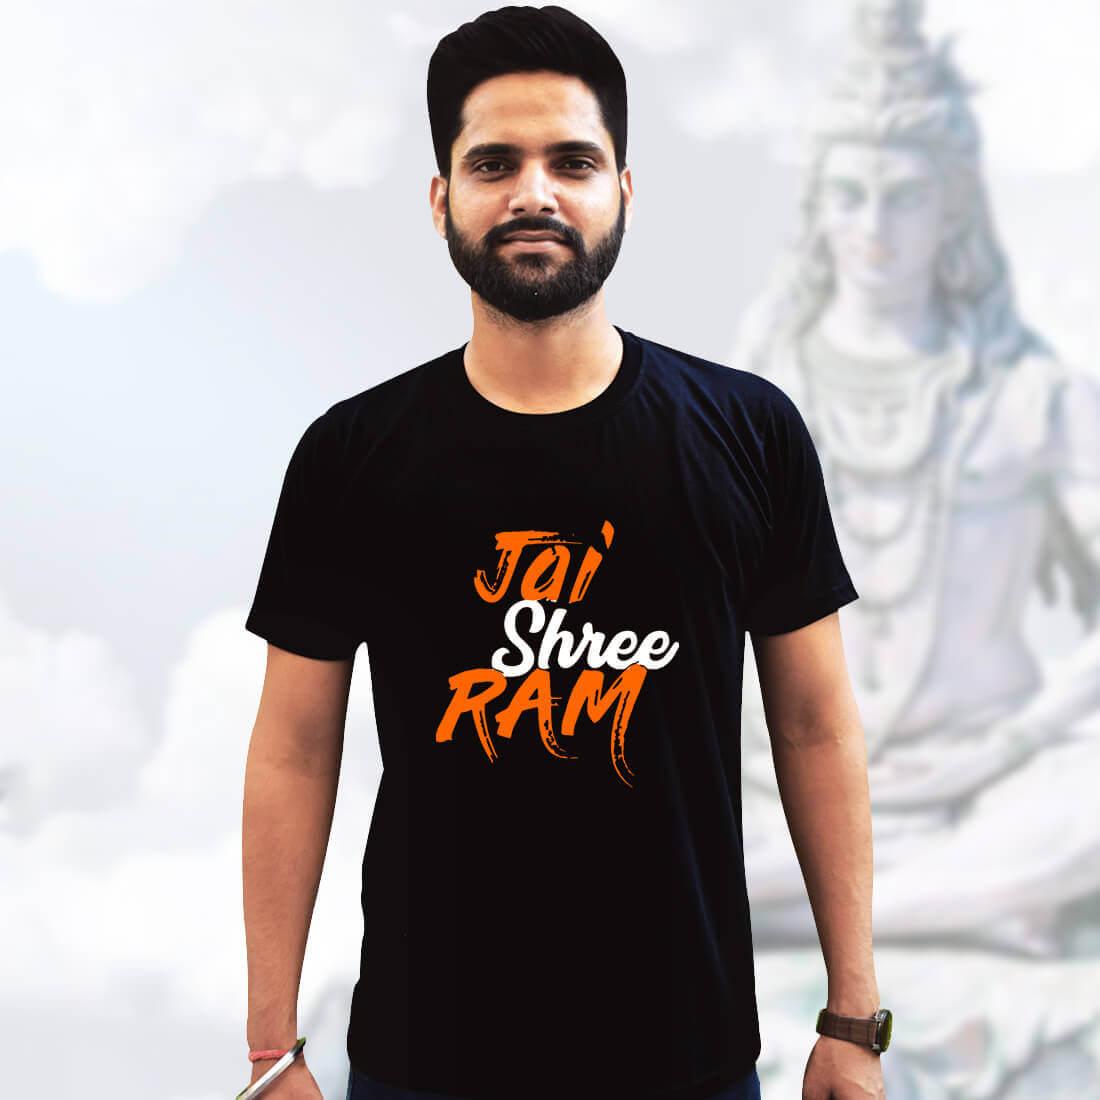 Best God Ram Black T-shirt Front and Back